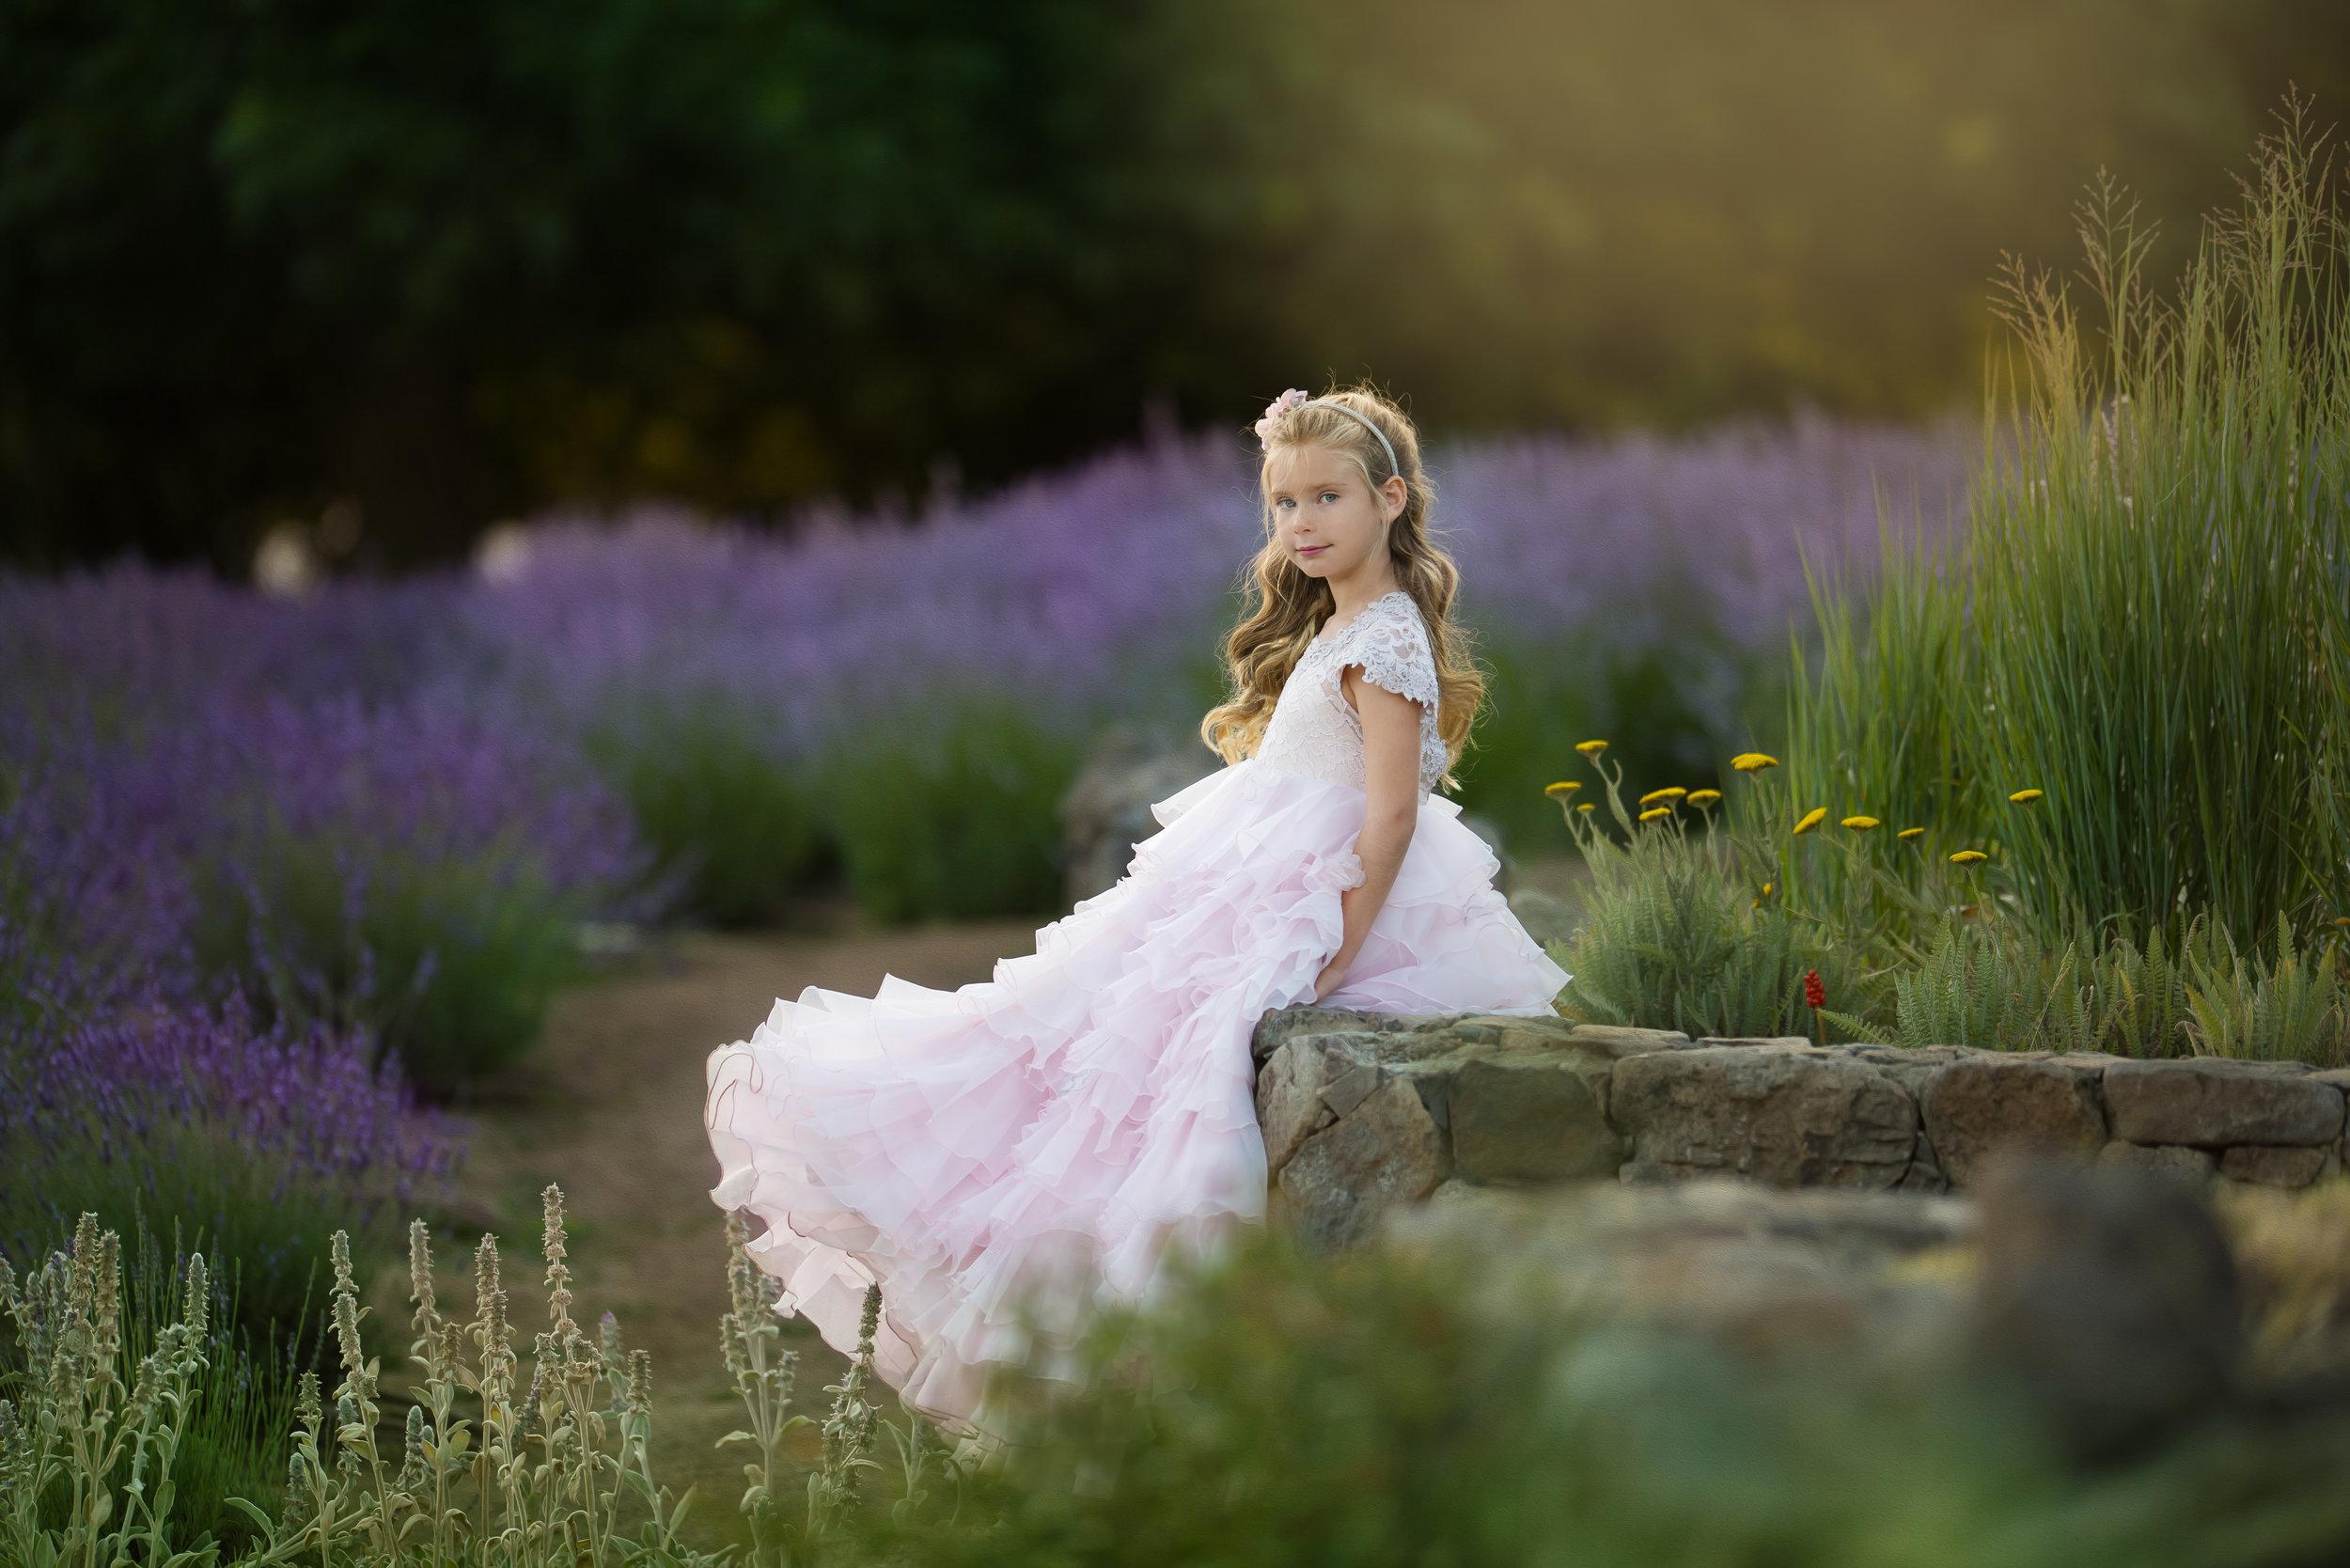 portrait in lavender field